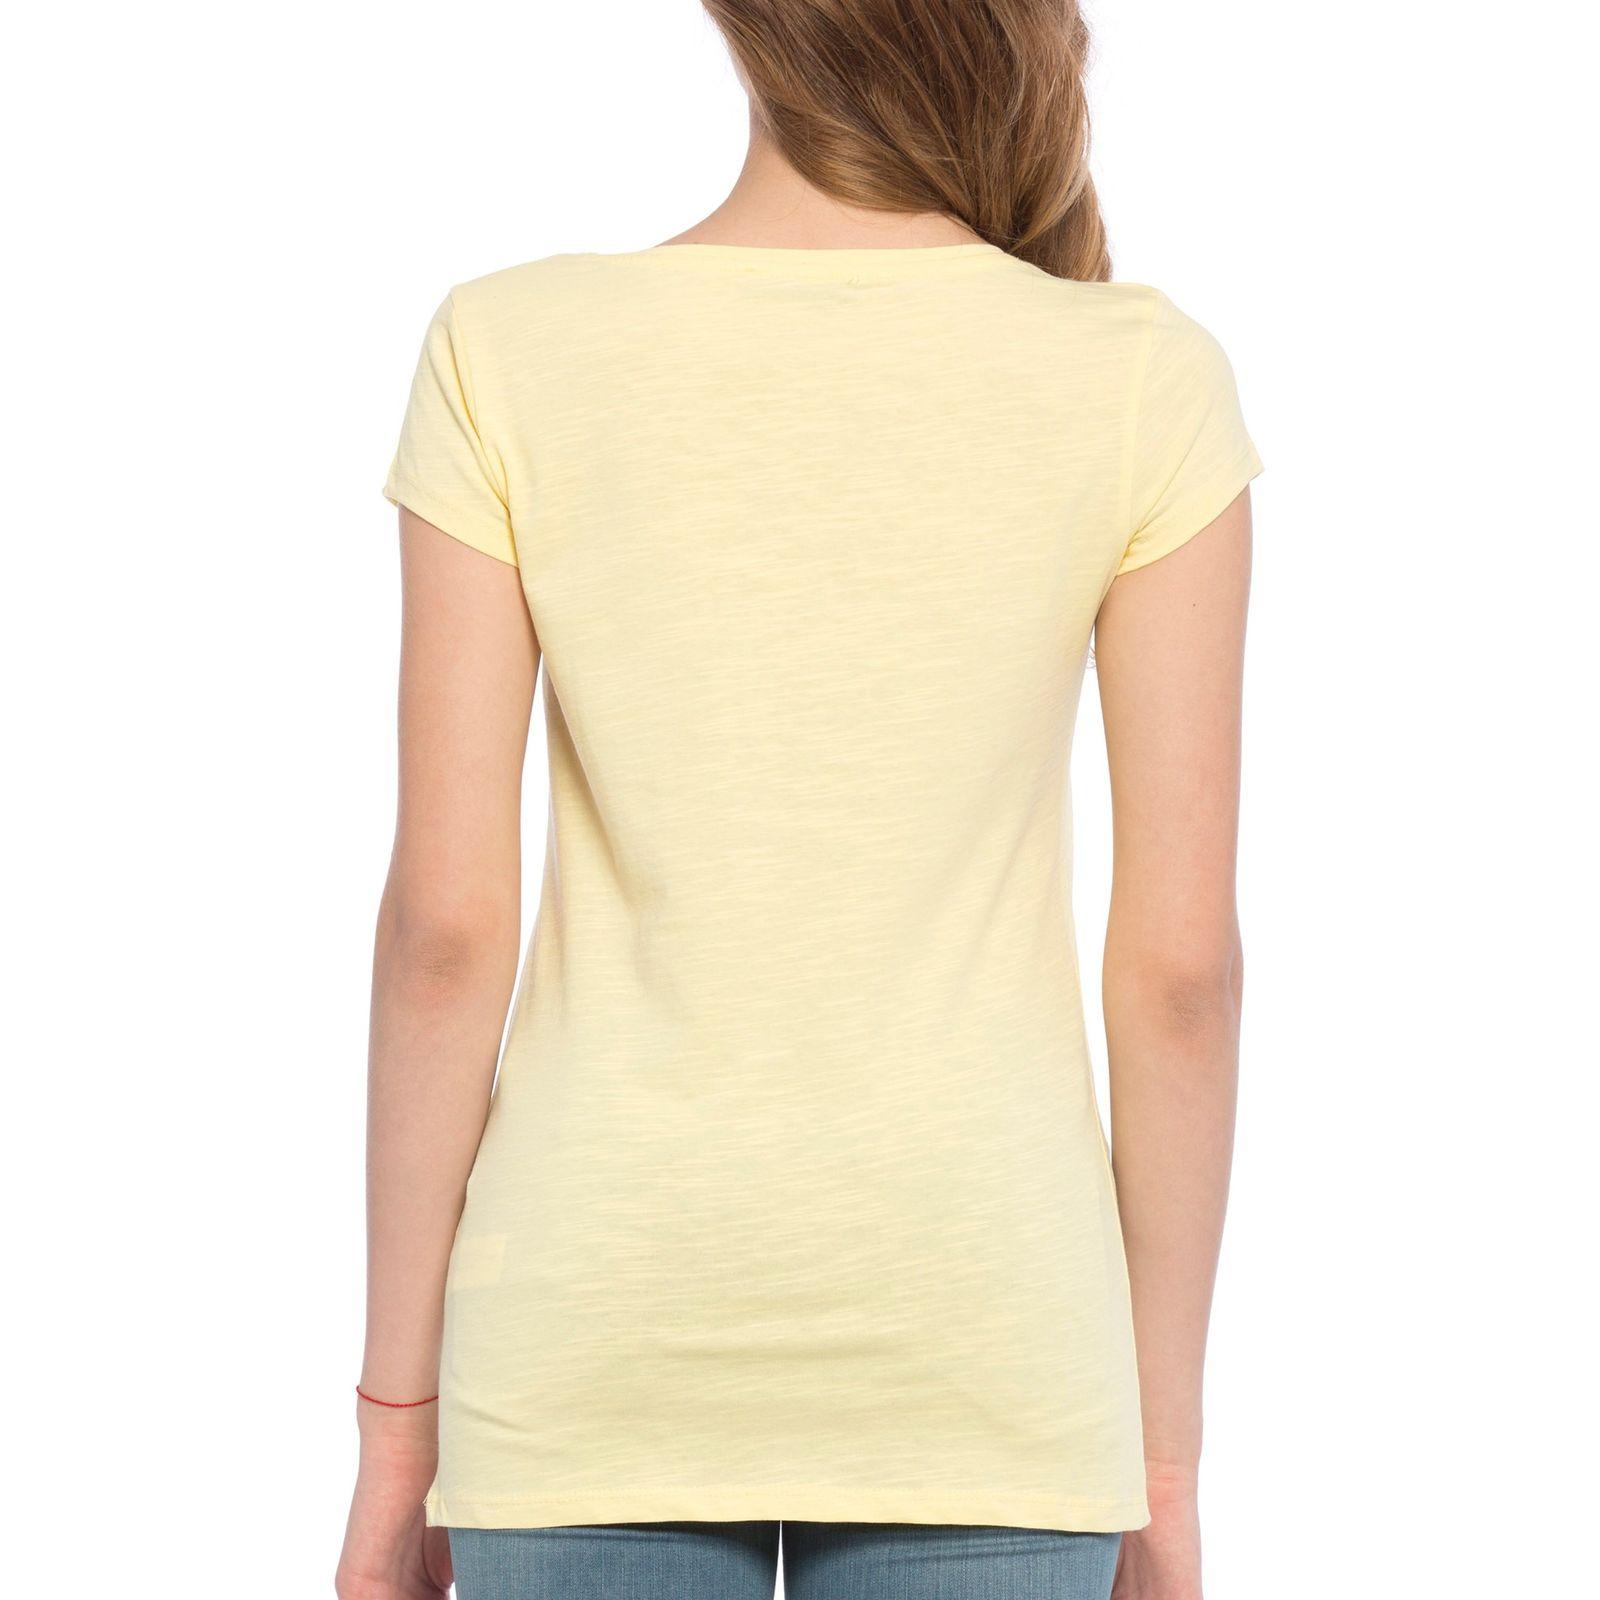 تی شرت نخی یقه هفت زنانه - ال سی وایکیکی - زرد - 2